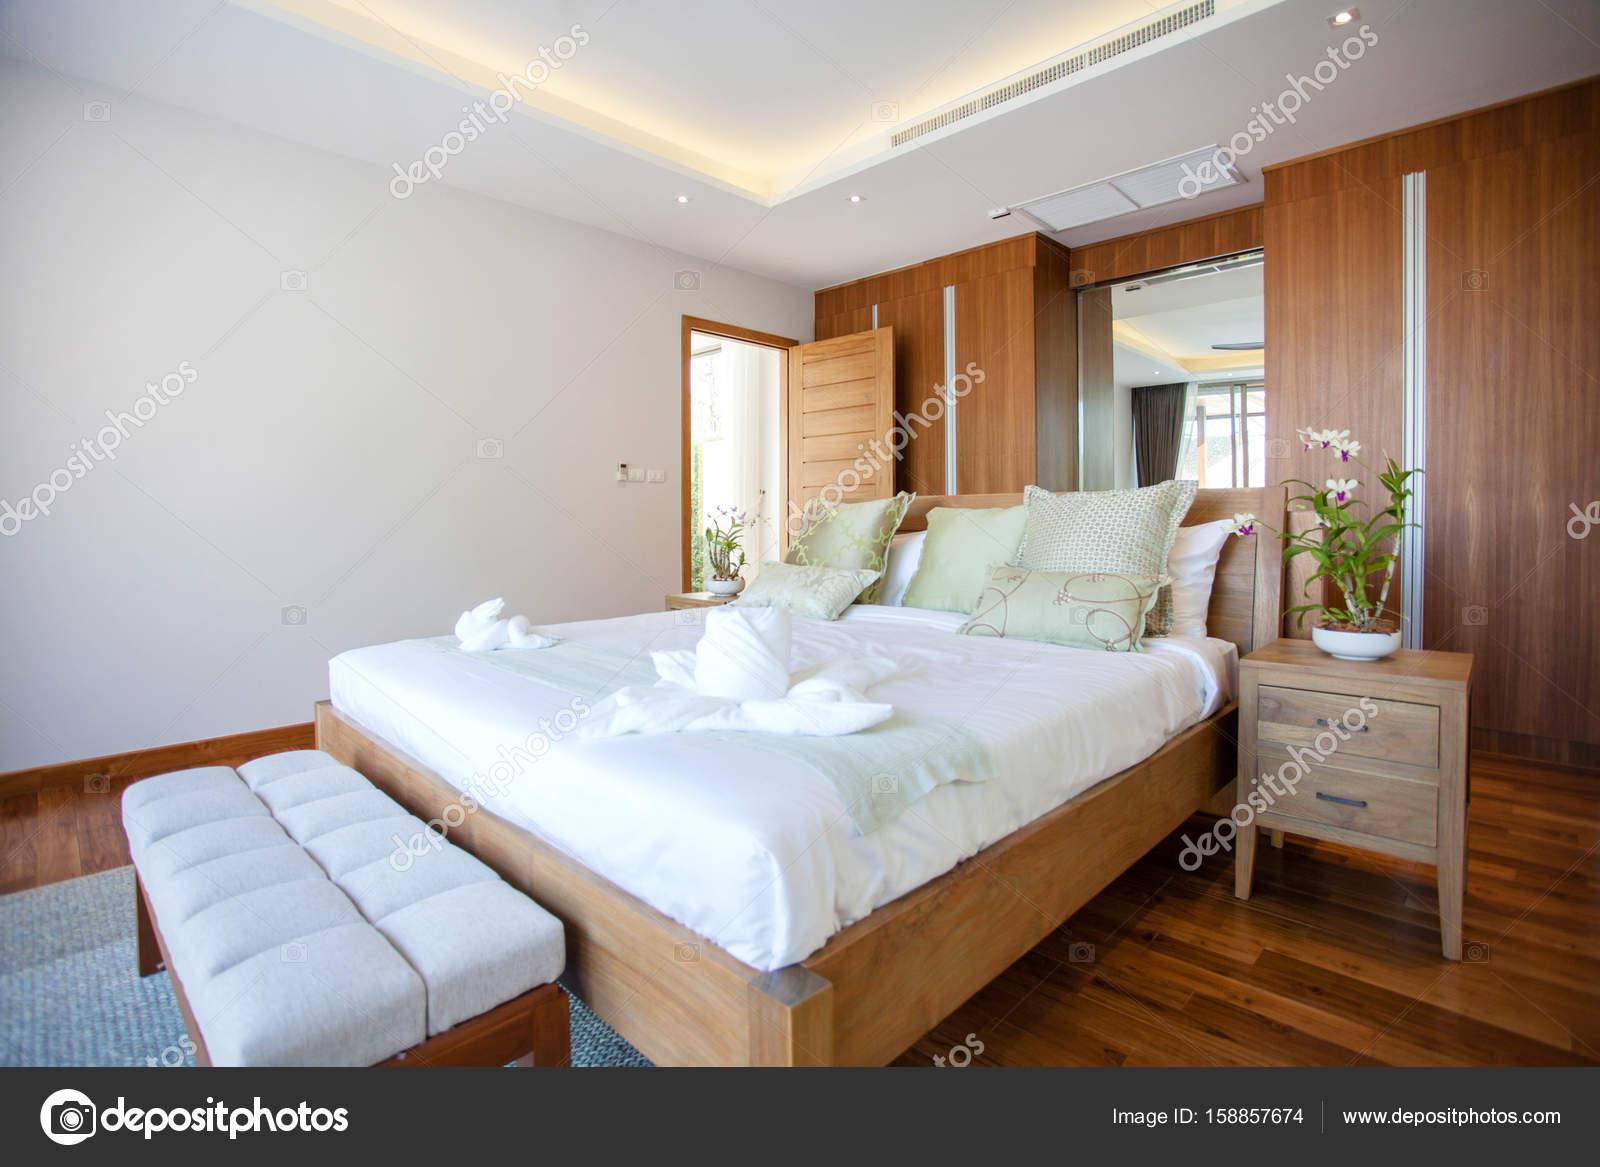 letto luxury interior design in camera da letto della villa con ... - Camera Da Letto Con Piscina